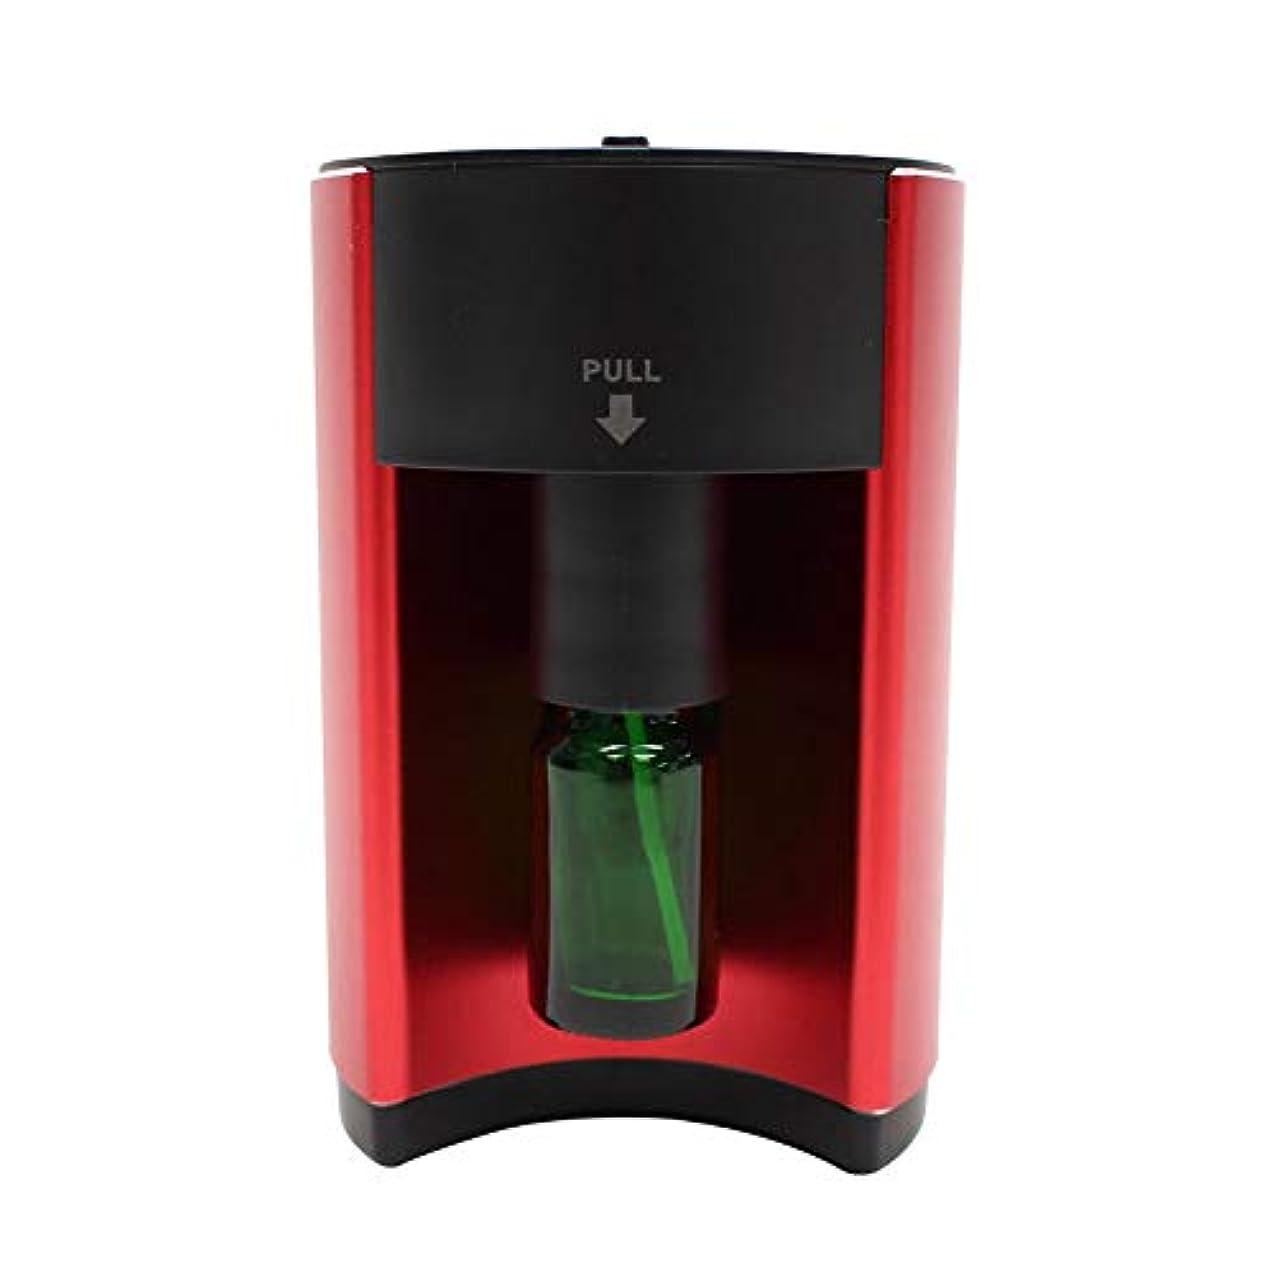 離れて陸軍花瓶アロマディフューザー AC電源式 噴霧式 自動停止 16段階モード設定 ECOモード搭載 ネブライザー式 コンパクト 香り 癒し レッド